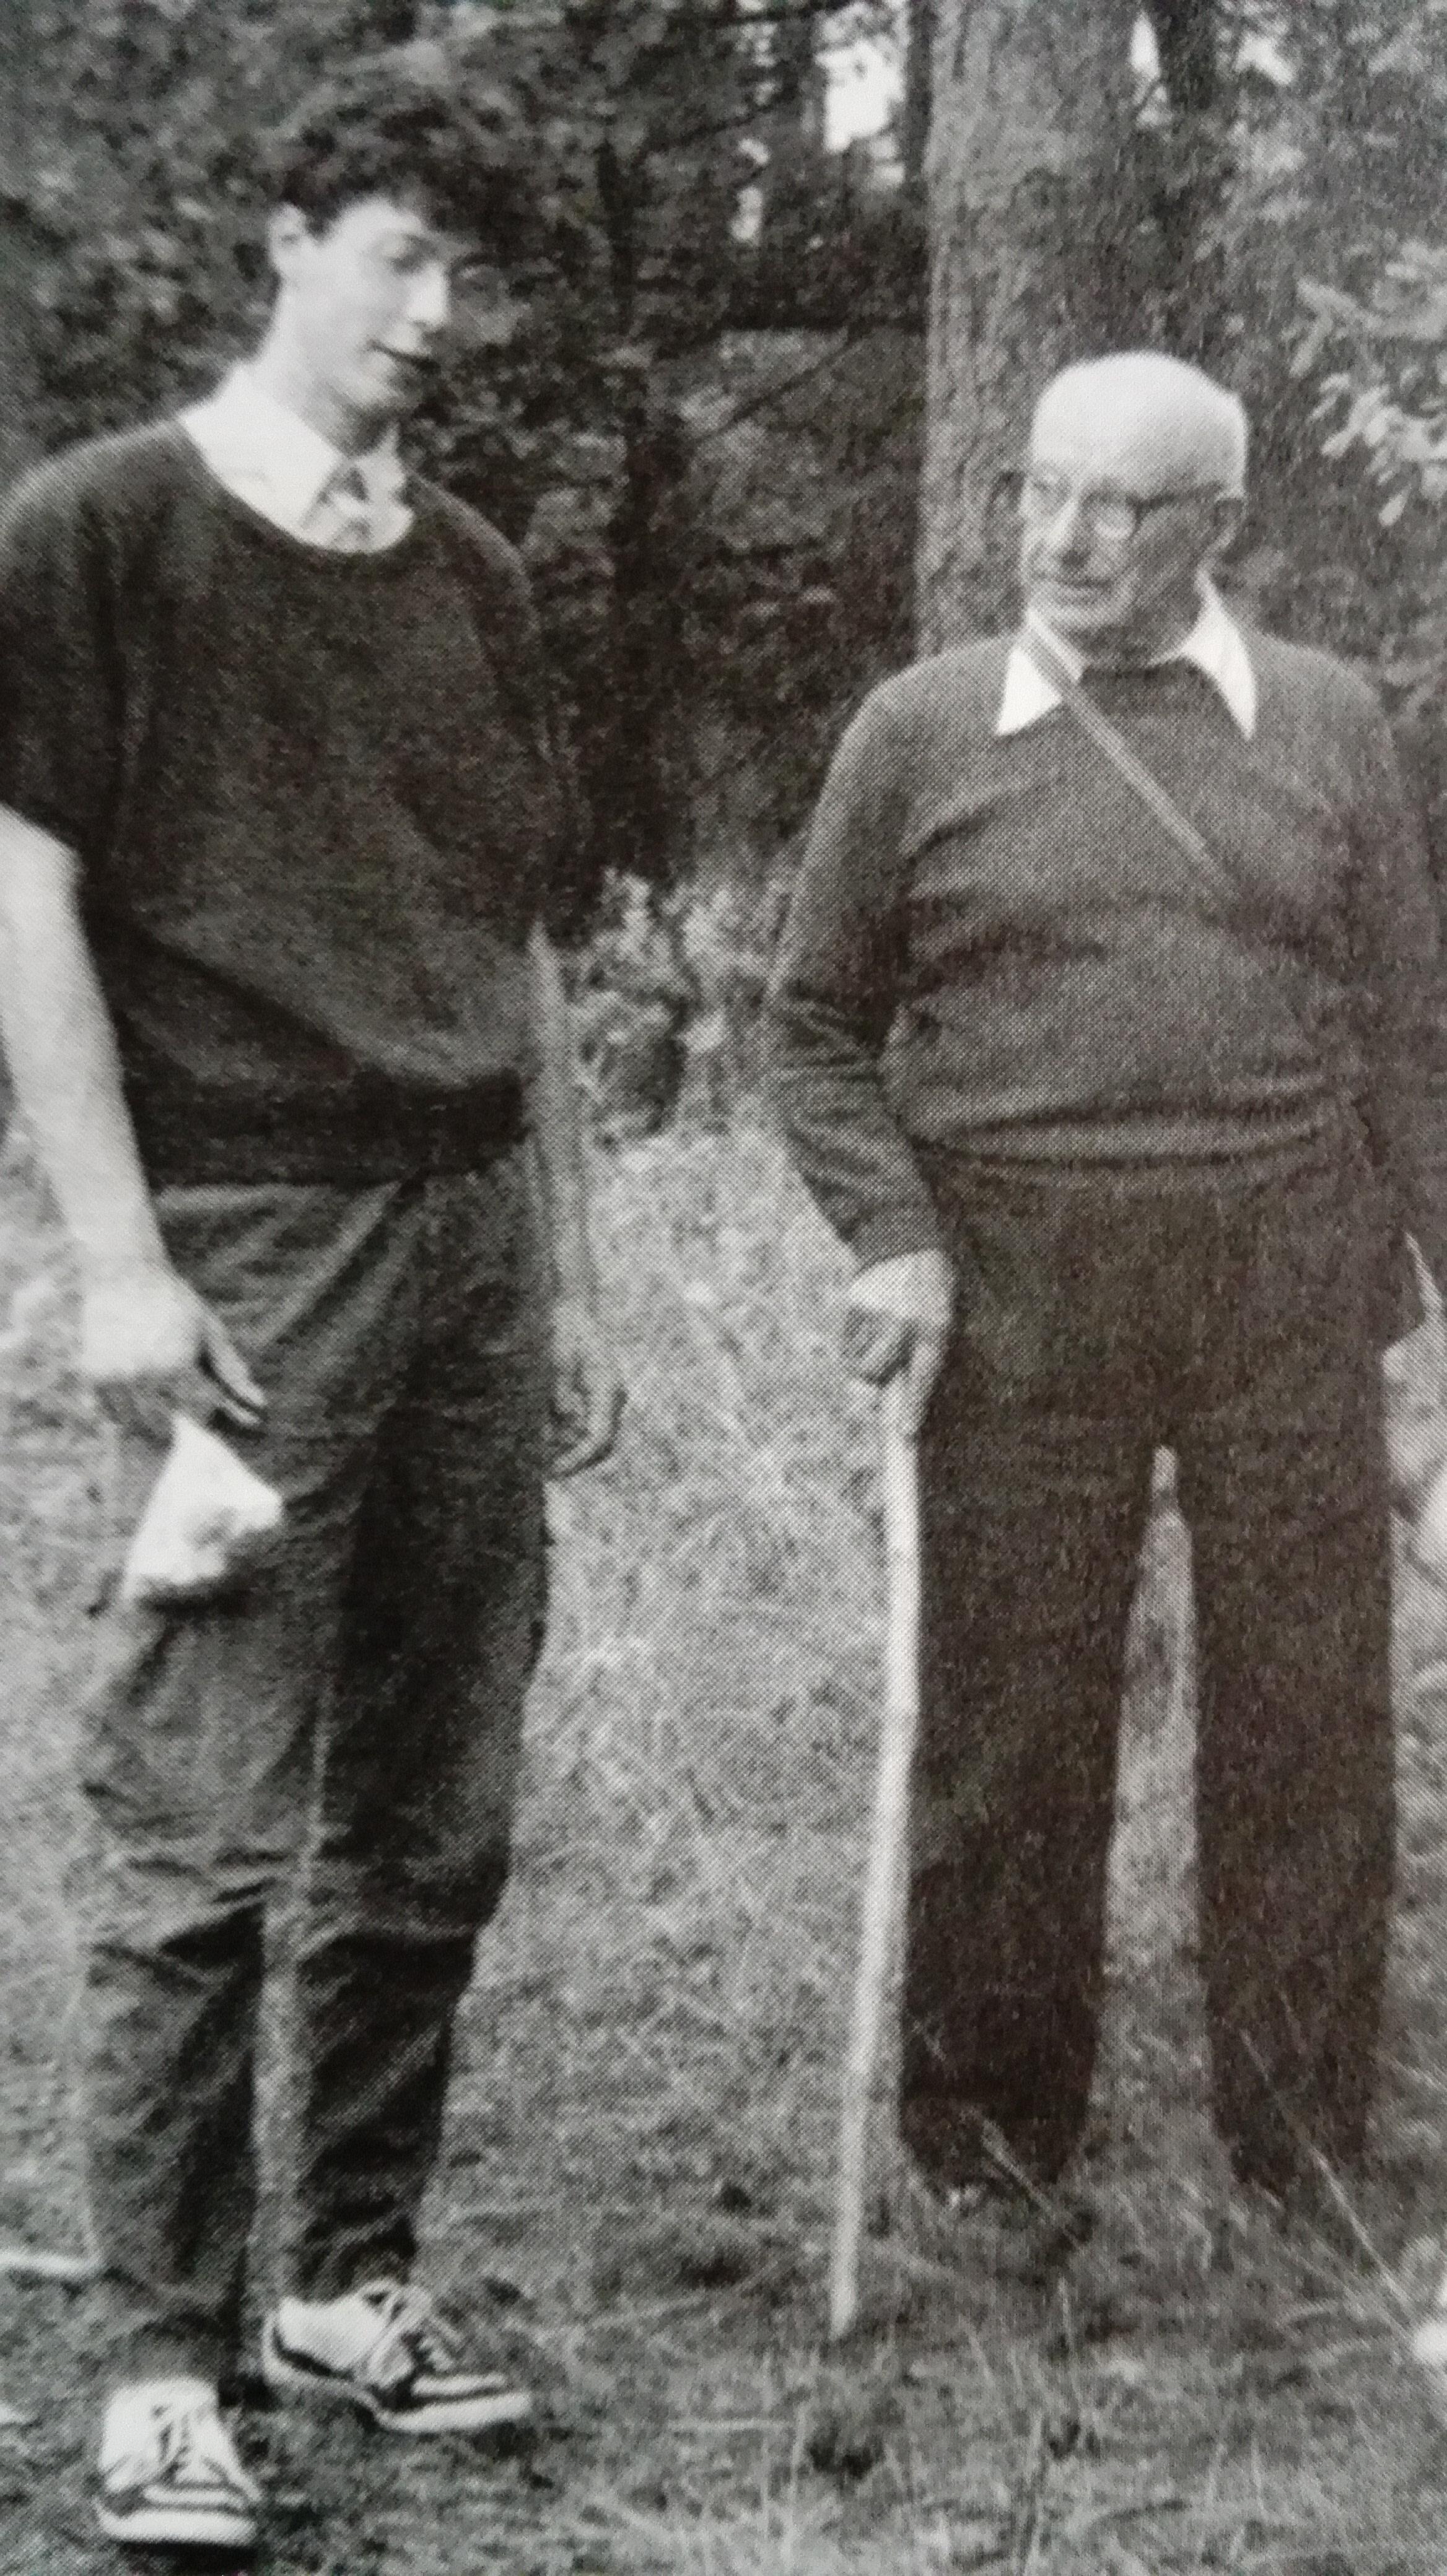 Młody Szymon Majewski z dziadkiem Ignacym